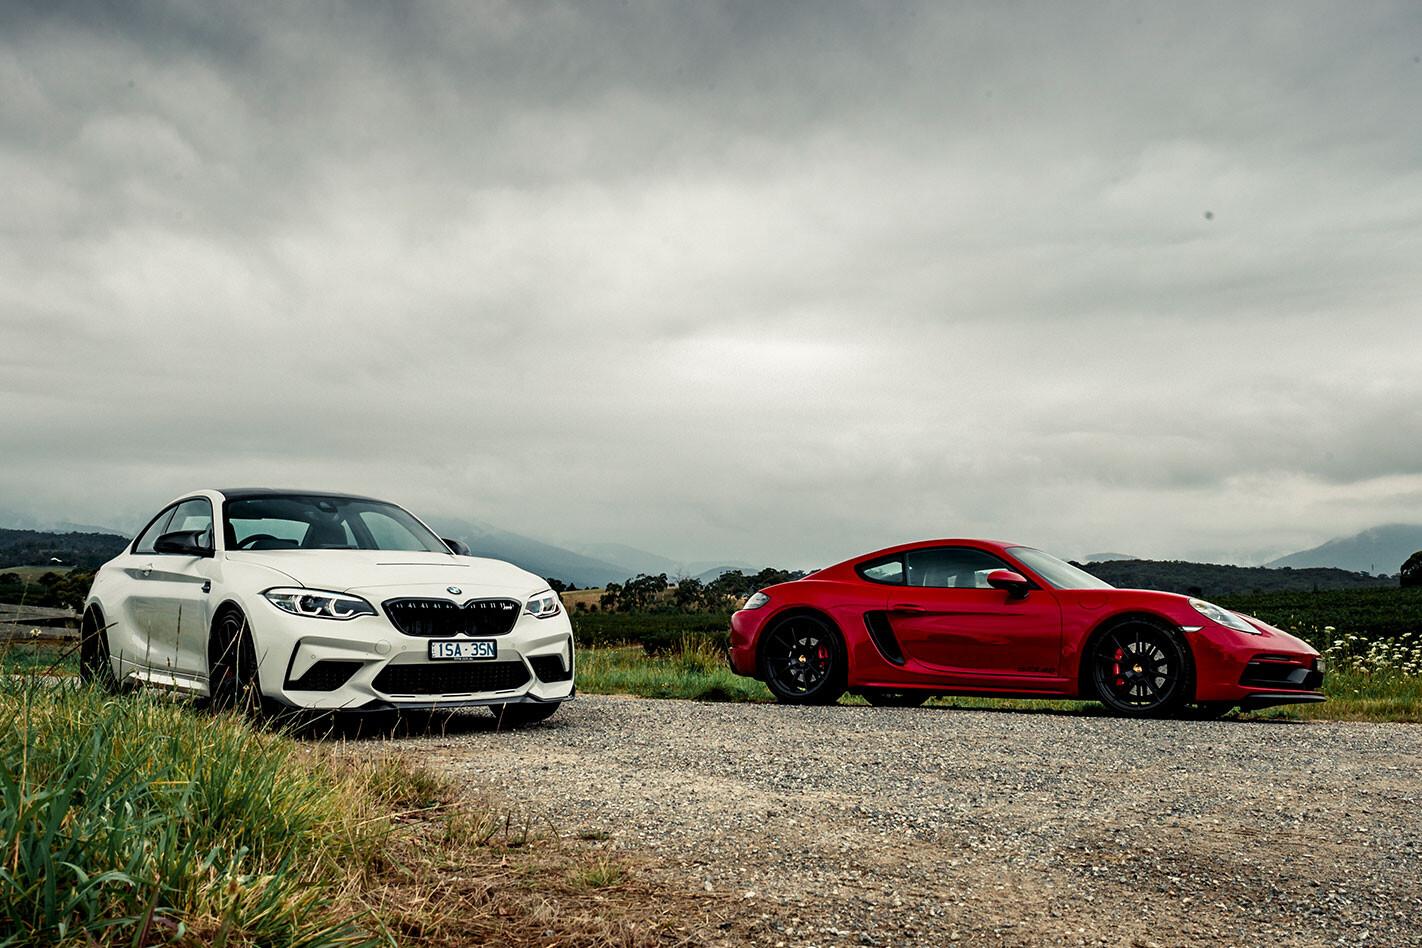 2021 BMW M2 CS vs Porsche Cayman GTS 4.0 comparison